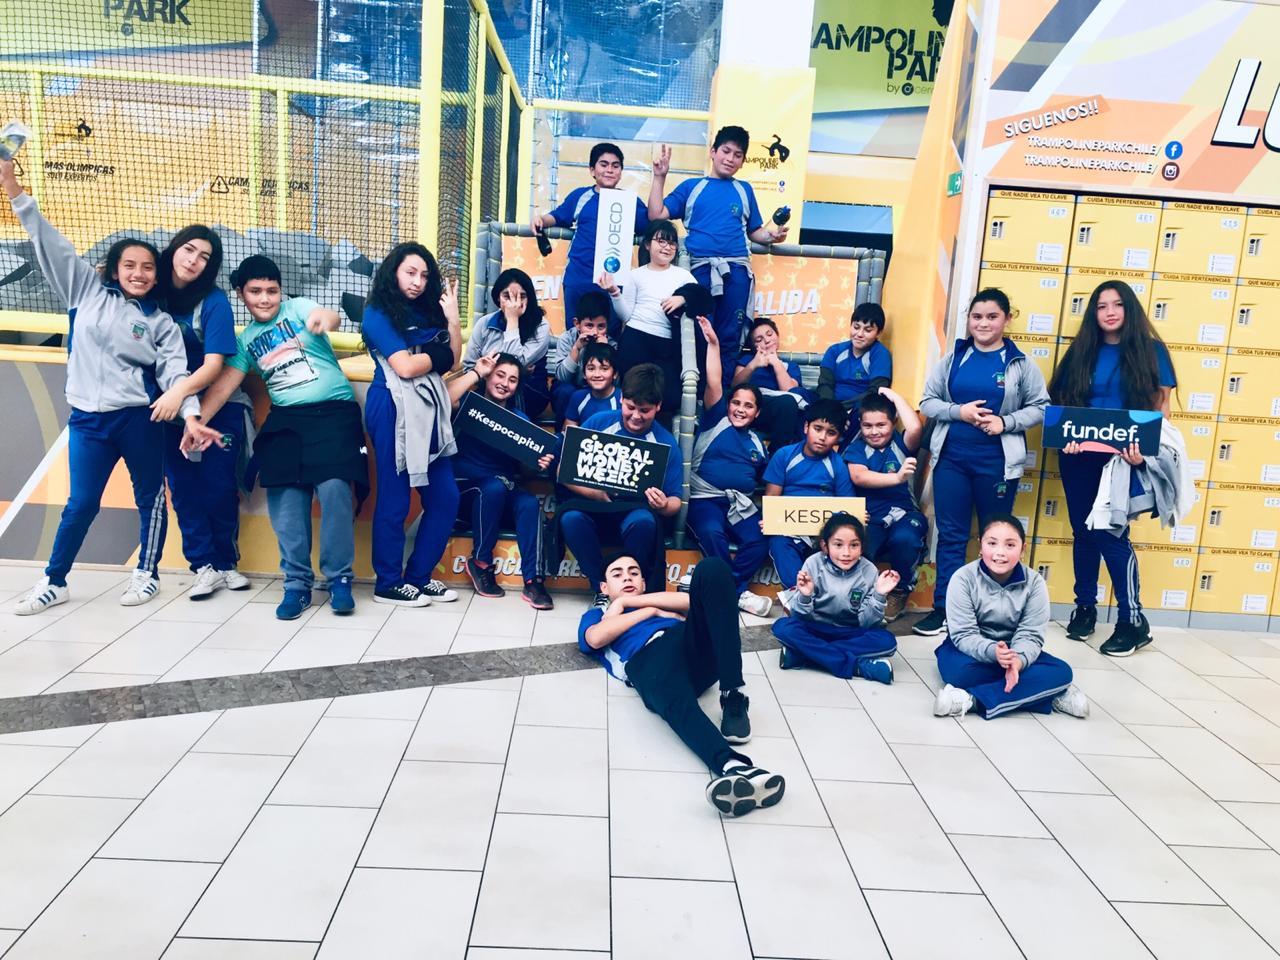 """Escuela recibe premio de """"Global Money Wek"""" en entretenida Jornada en Trampolin Park"""